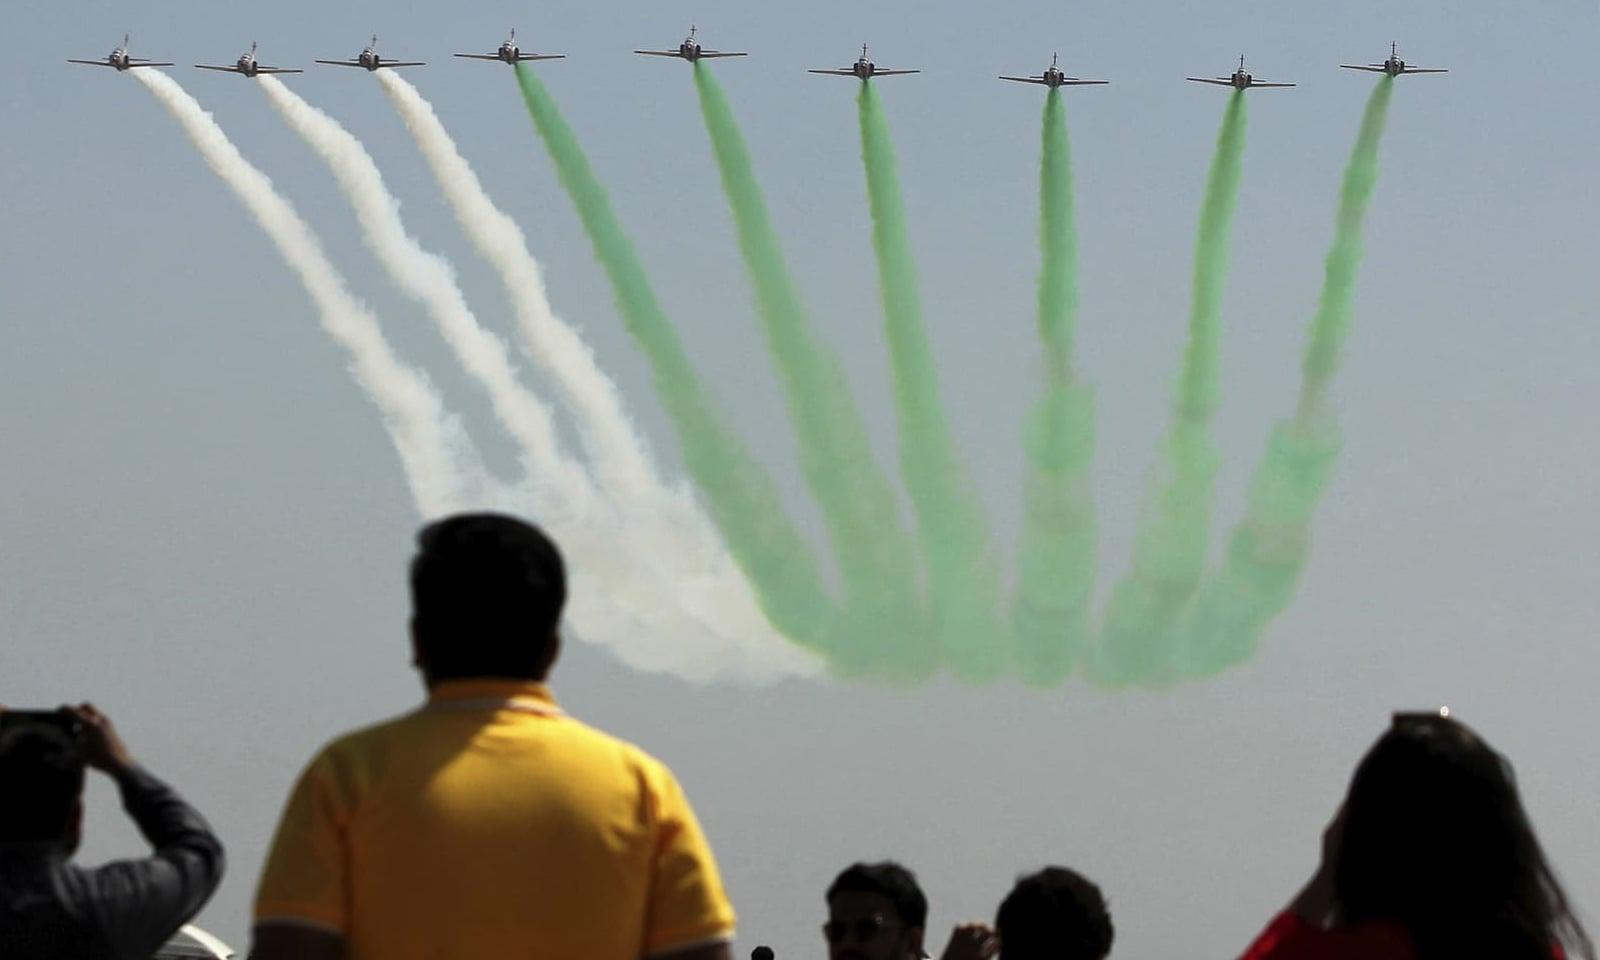 پاک فضائیہ کے بروقت ردعمل پر بھارتی طیارے بالاکوٹ کے قریب پے لوڈ گراتے ہوئے فرار ہوگئےتھے—فوٹو:اے پی